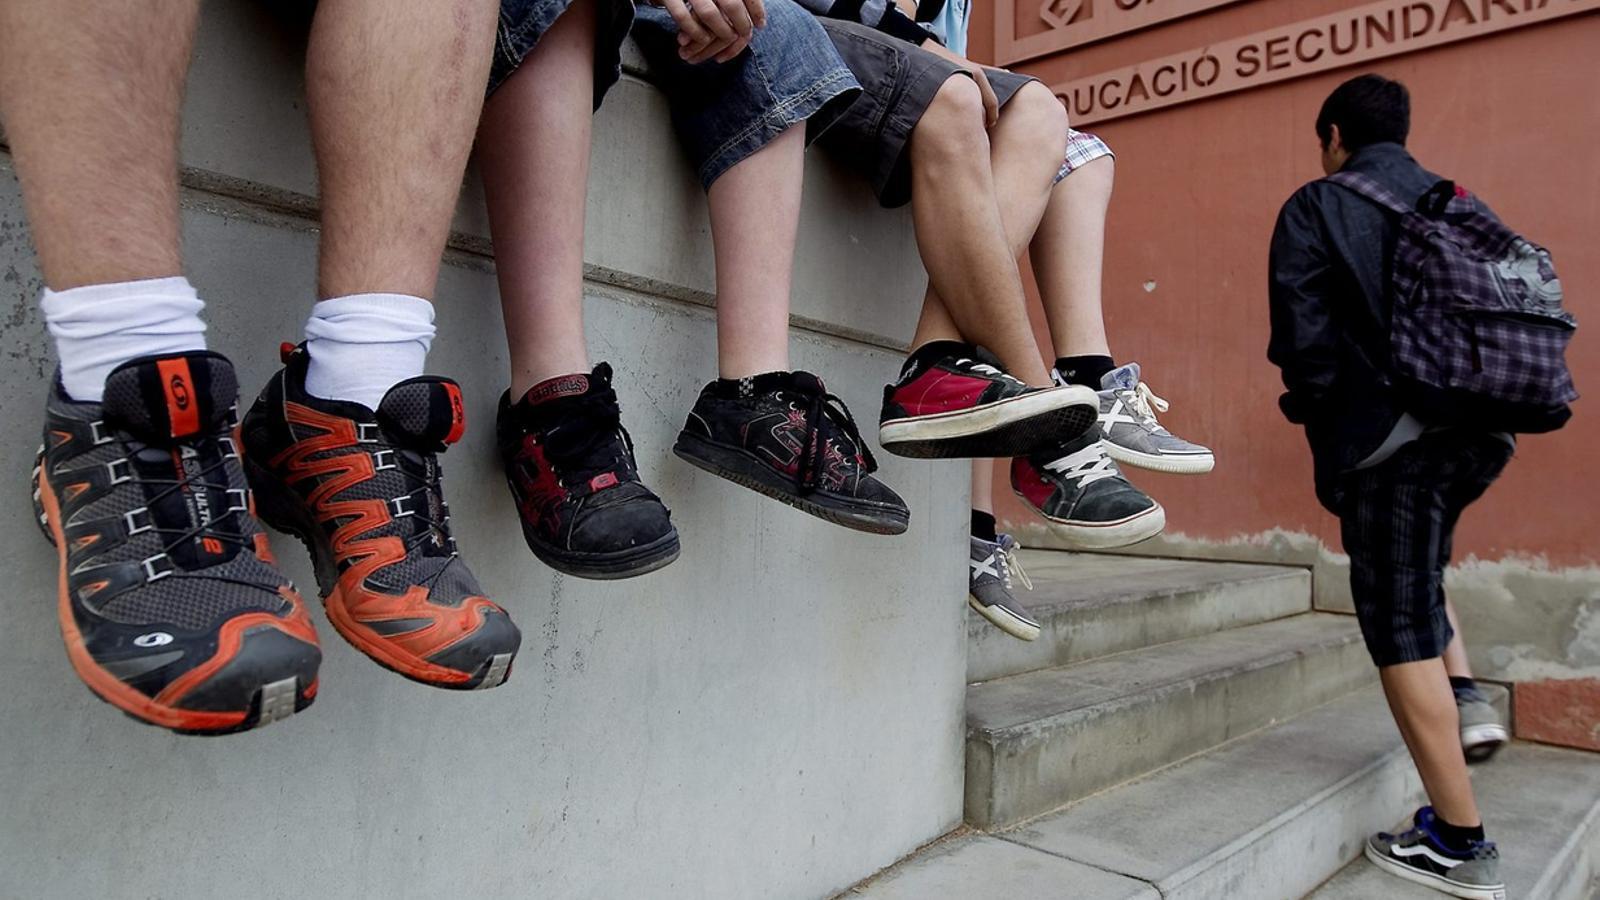 Un grup de joves a un institut de secundària, en una imatge d'arxiu.